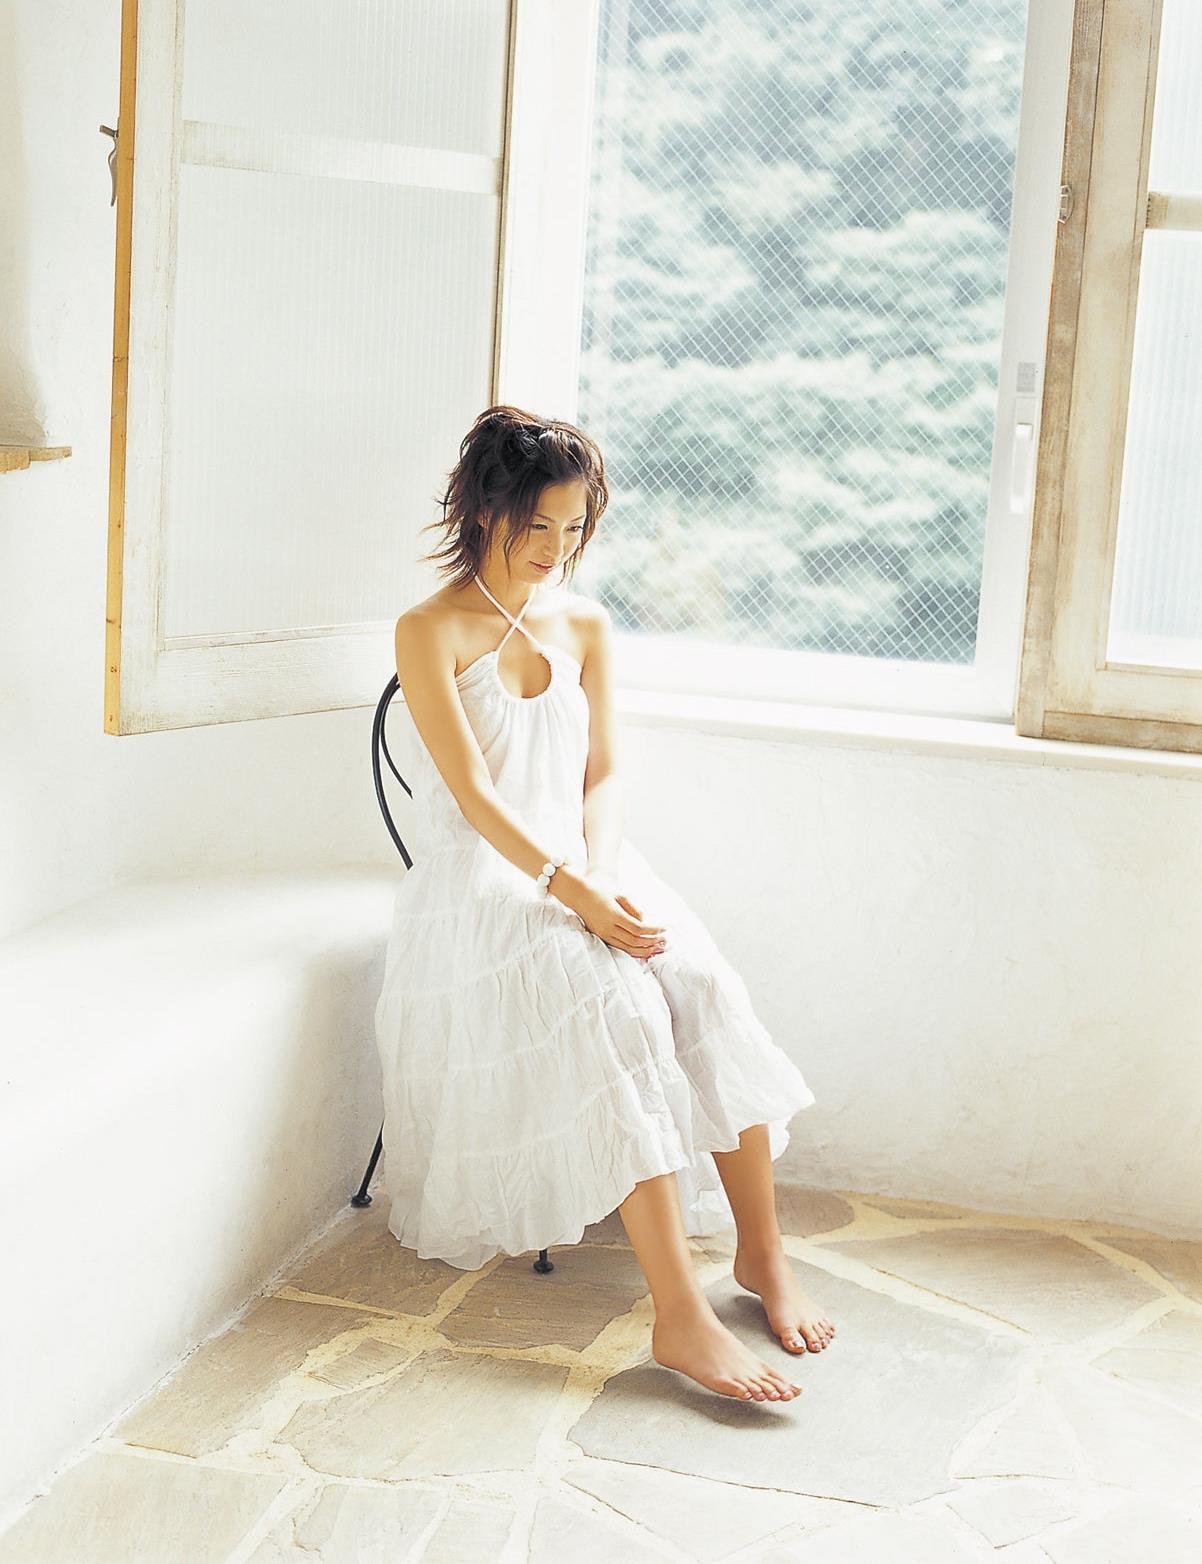 安田美沙子 画像 33